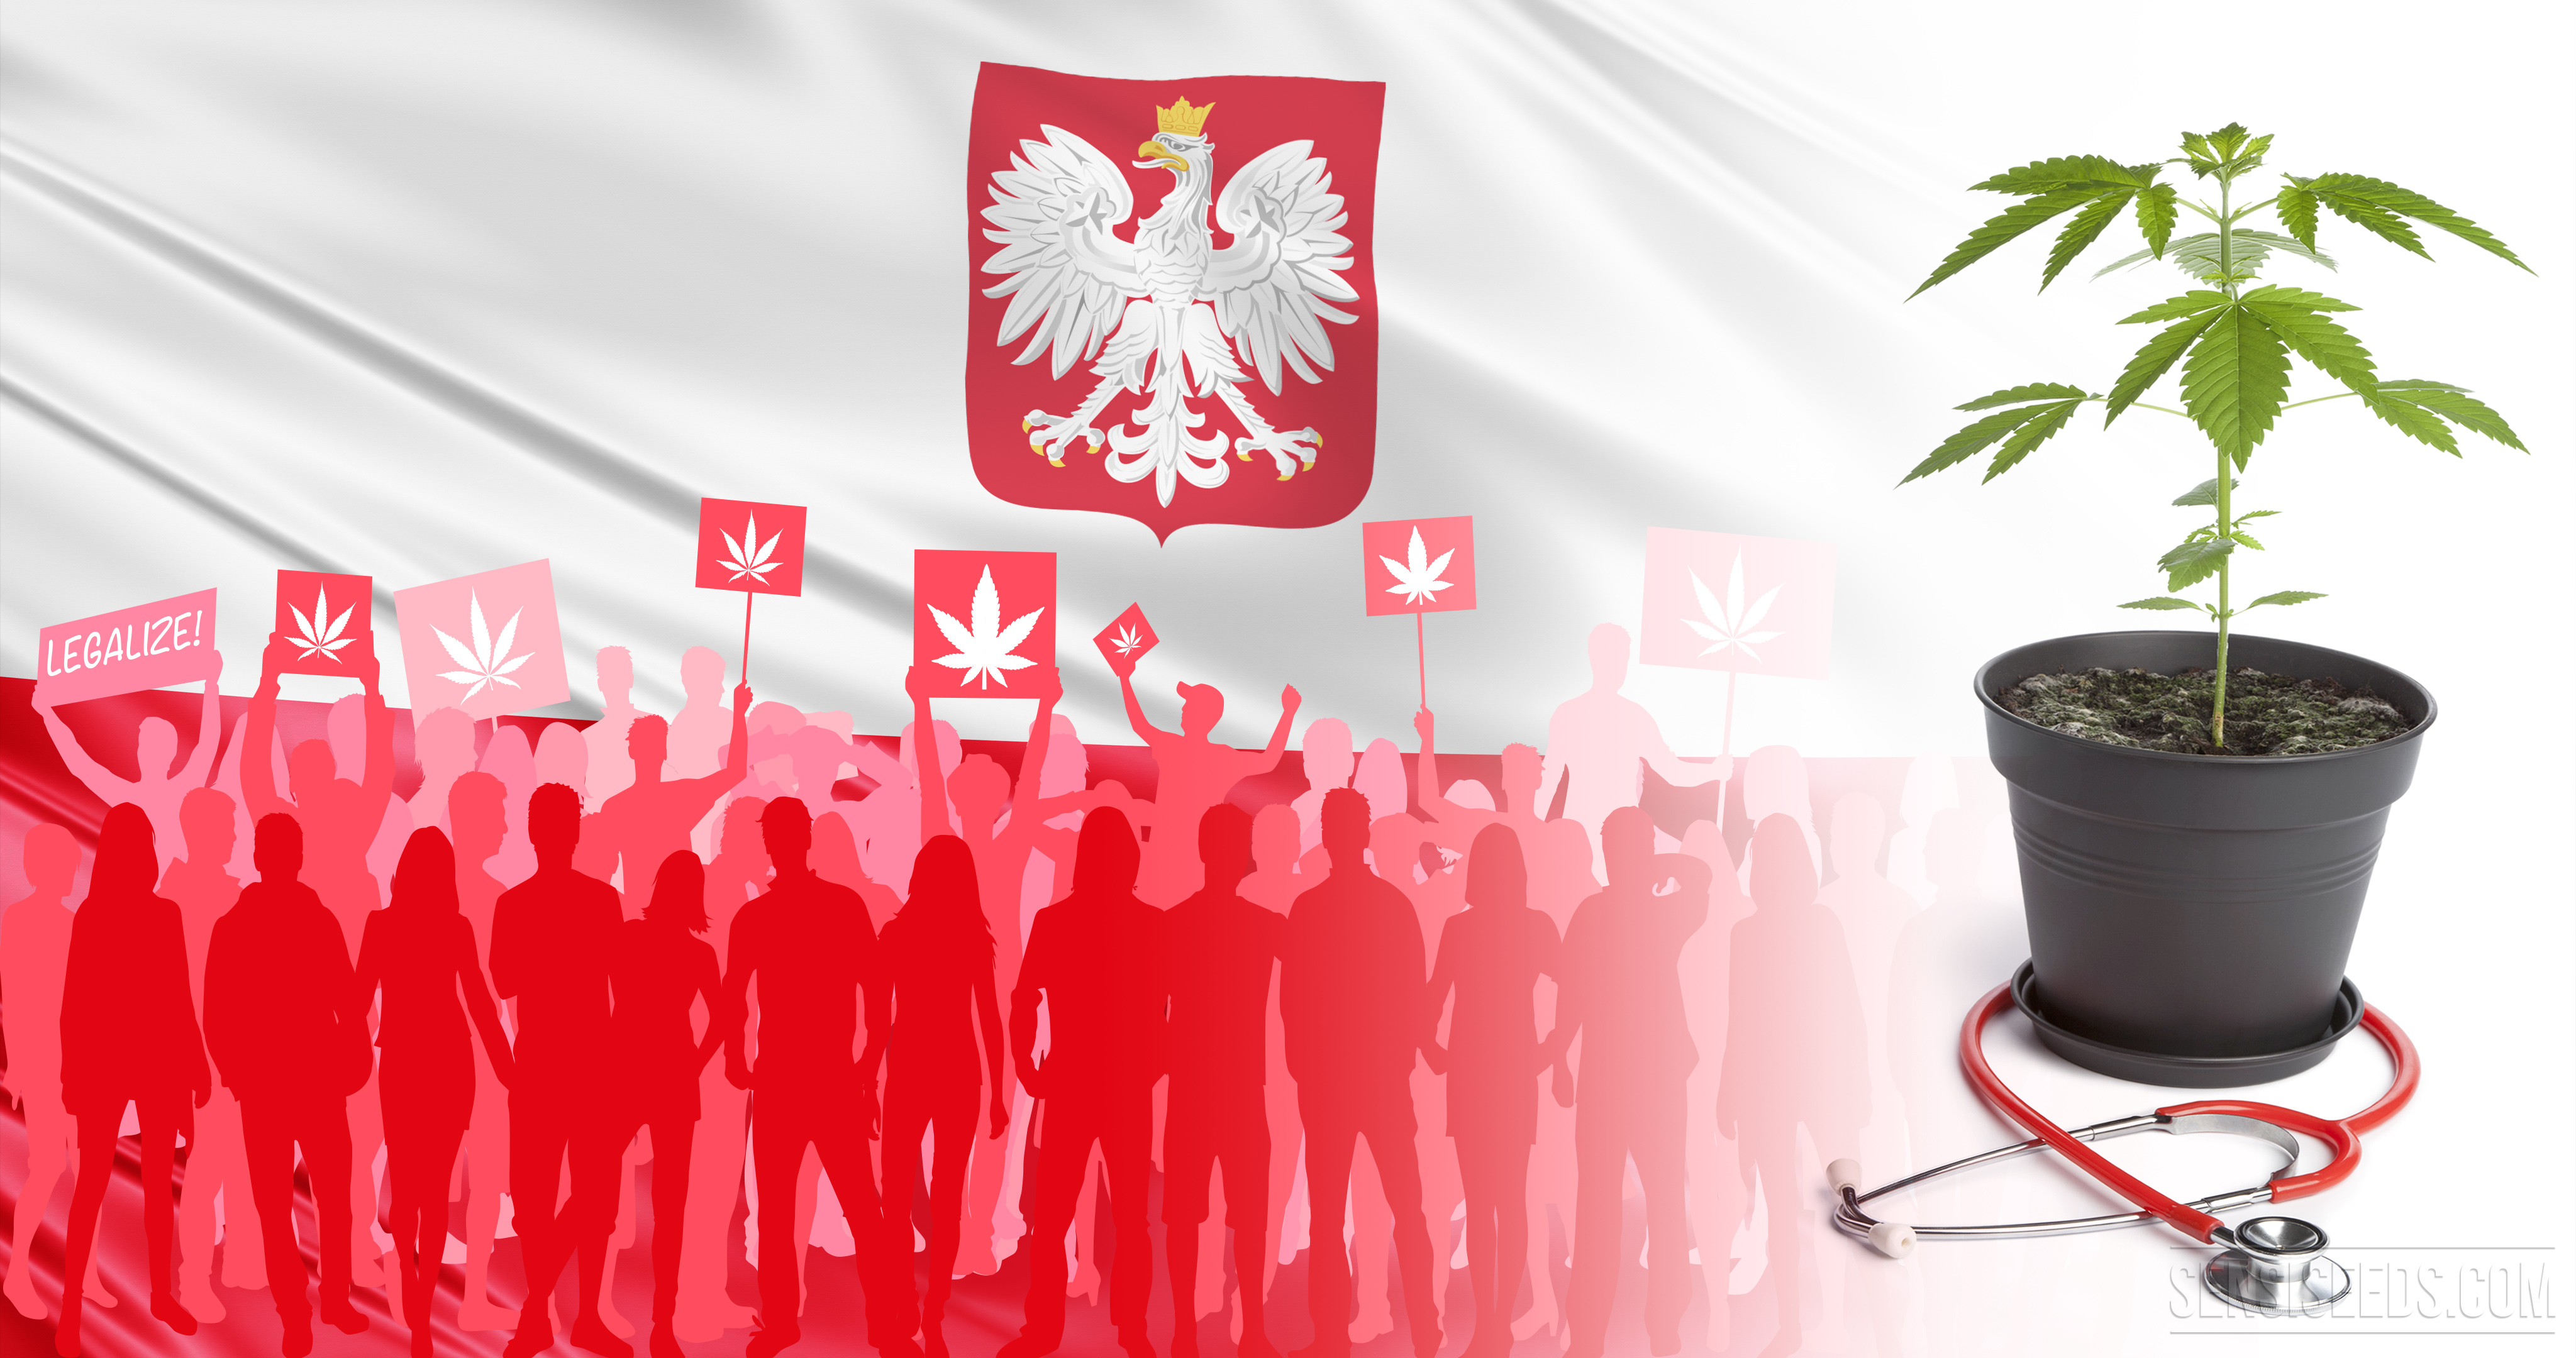 Полша легализира употребата на канабис за медицински цели